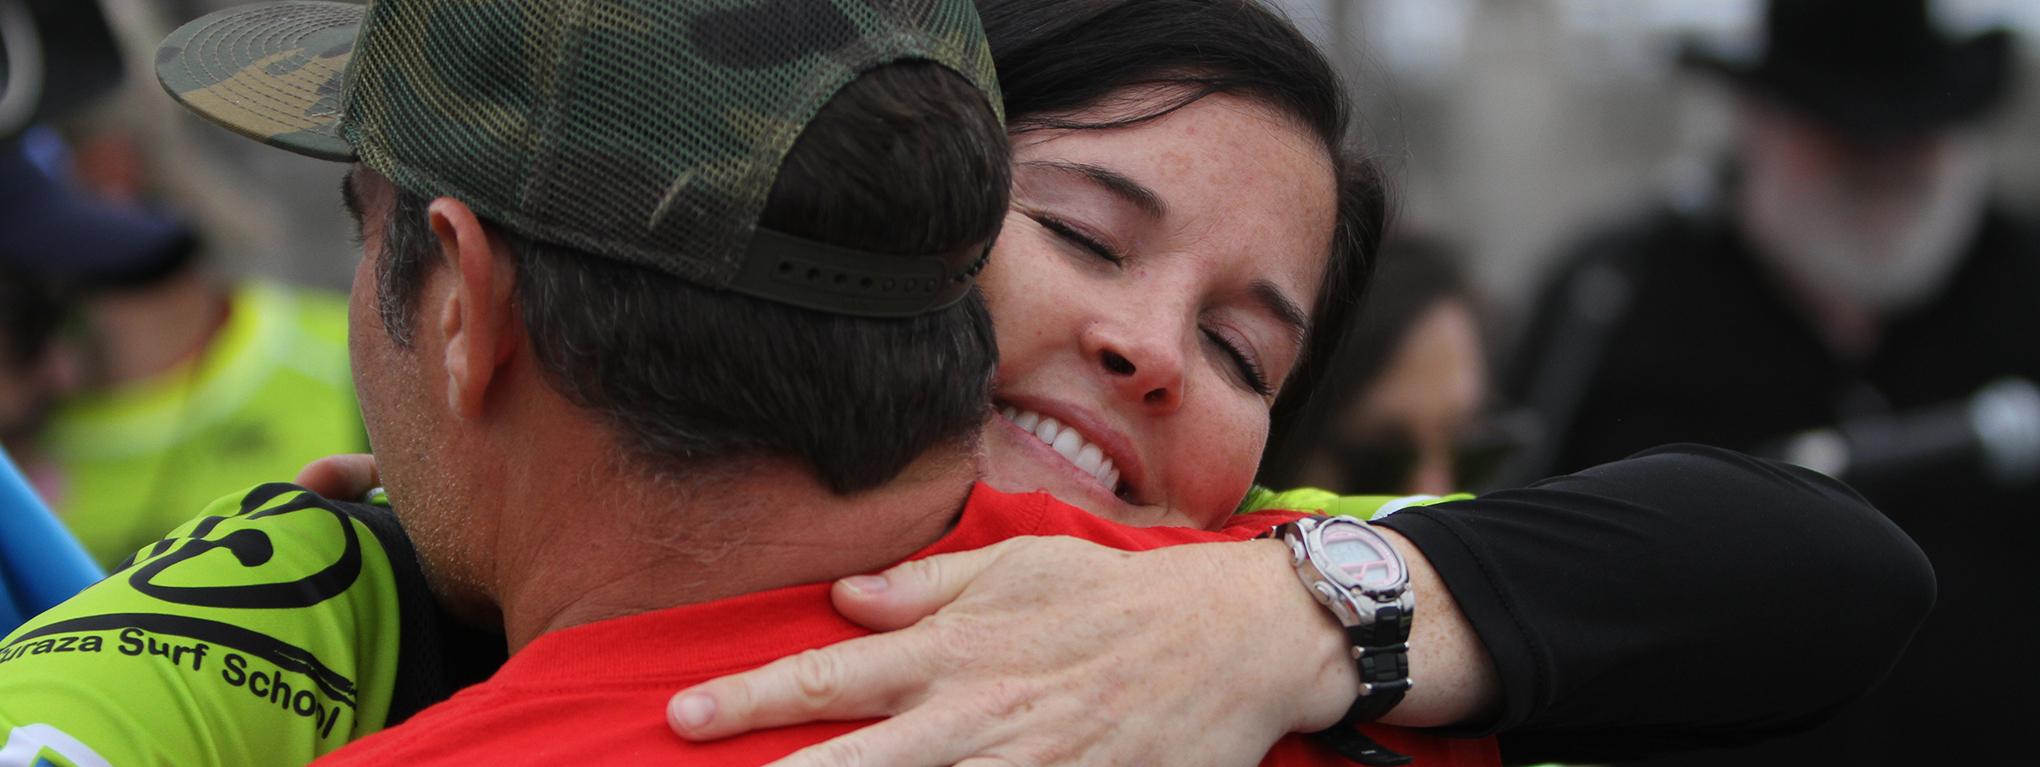 A volunteer hugs a participant